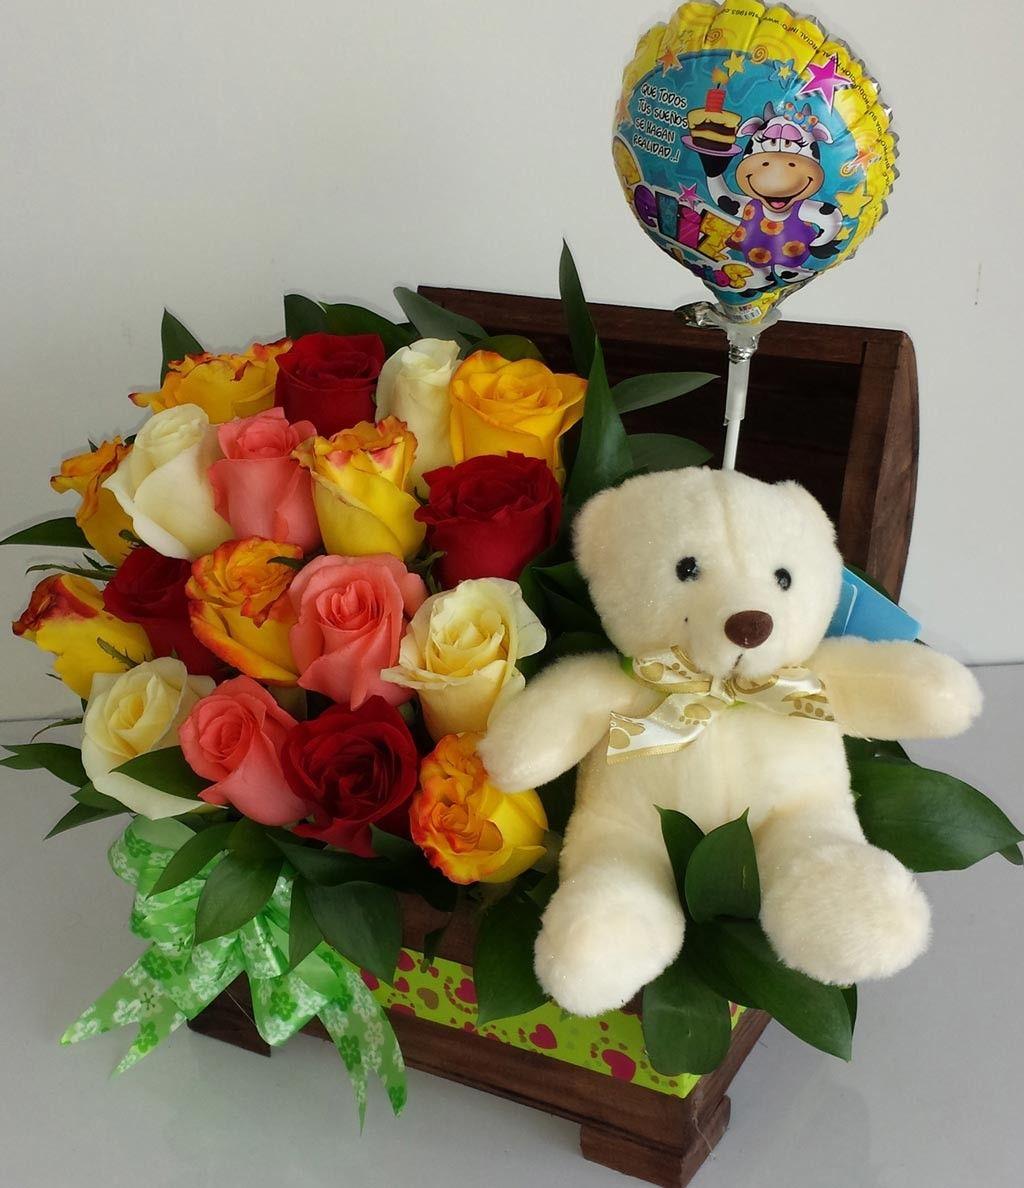 Baúl Cumpleaños Flores Arreglos De Dulces Globos De